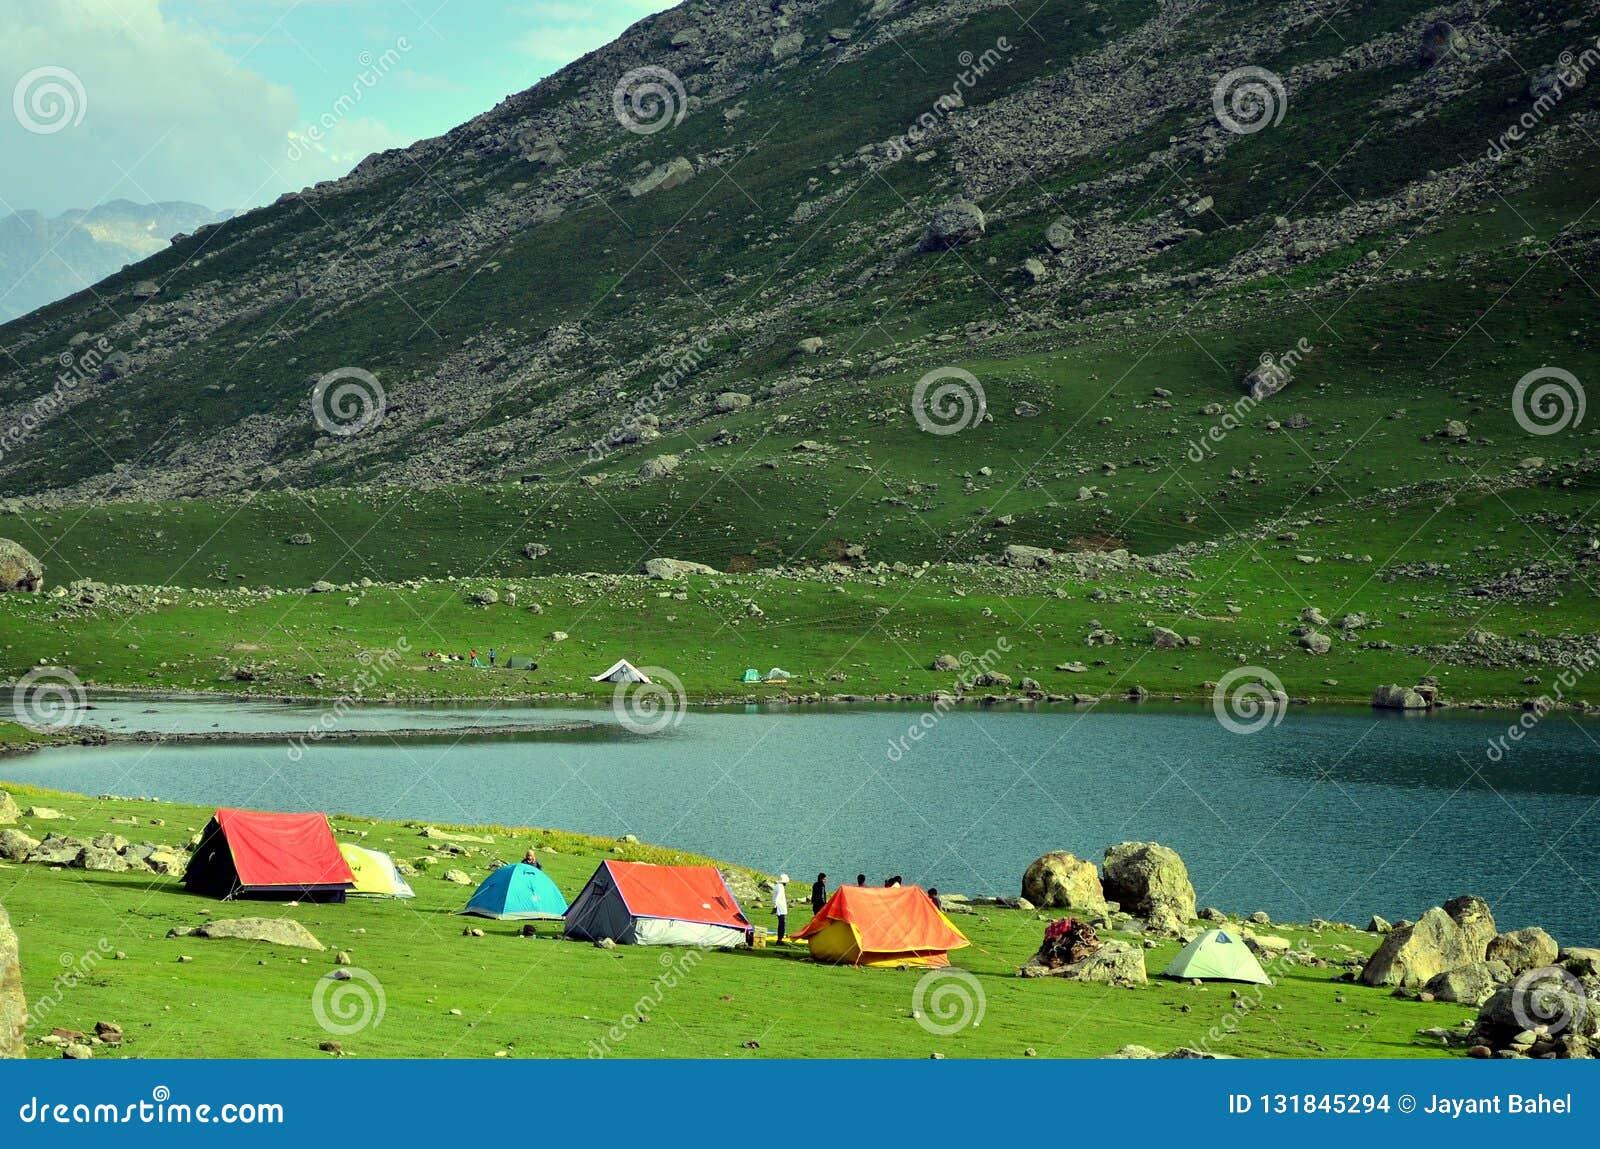 Barracas de acampamento no lago Nundkol em Sonamarg, Kashmir, Índia